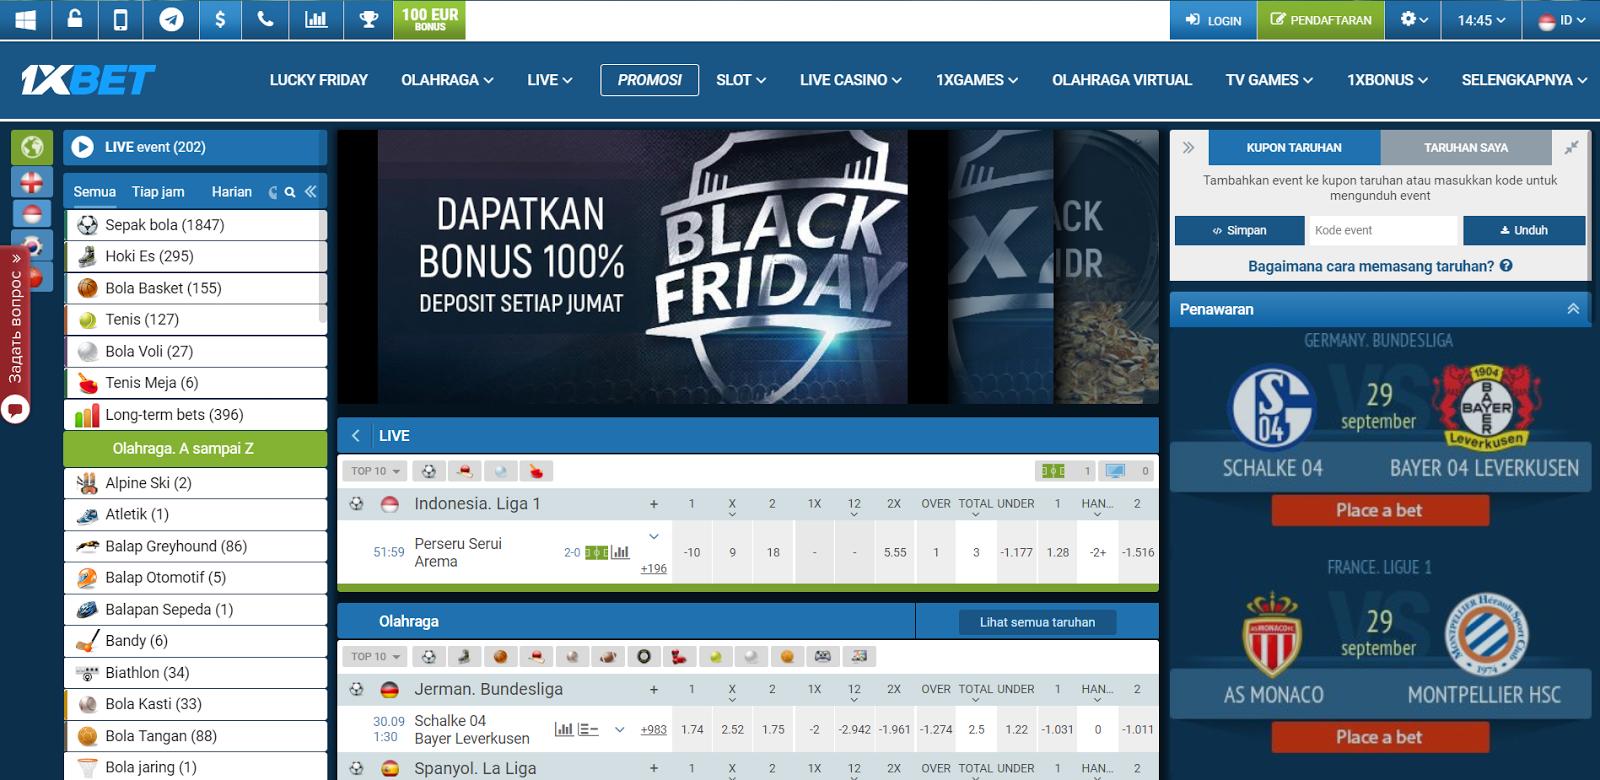 азартные игры играть бесплатно онлайн без регистрации в майл ру